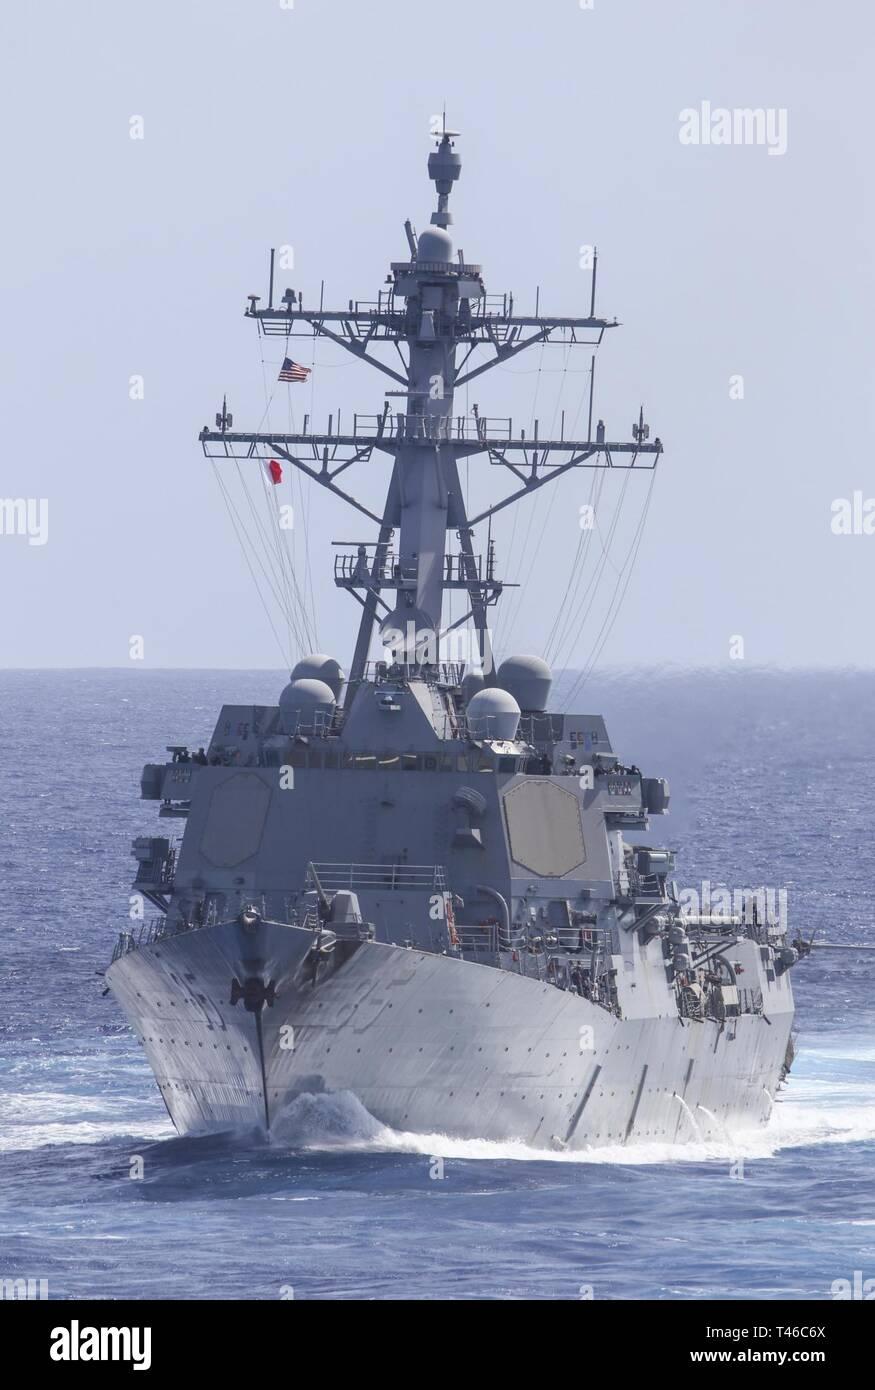 Océano Pacífico (11 de marzo de 2019) La clase Arleigh-Burke misiles guiados destructor USS McCampbell (DDG 85) transita el Océano Pacífico durante un ejercicio de entrenamiento con otros buques de guerra de la Marina de los EE.UU. Los buques de guerra de la Marina de EE.UU. entrenan juntos para aumentar la habilidad táctica, la letalidad y la interoperabilidad de las unidades participantes en una época de gran potencia para la competencia. Foto de stock